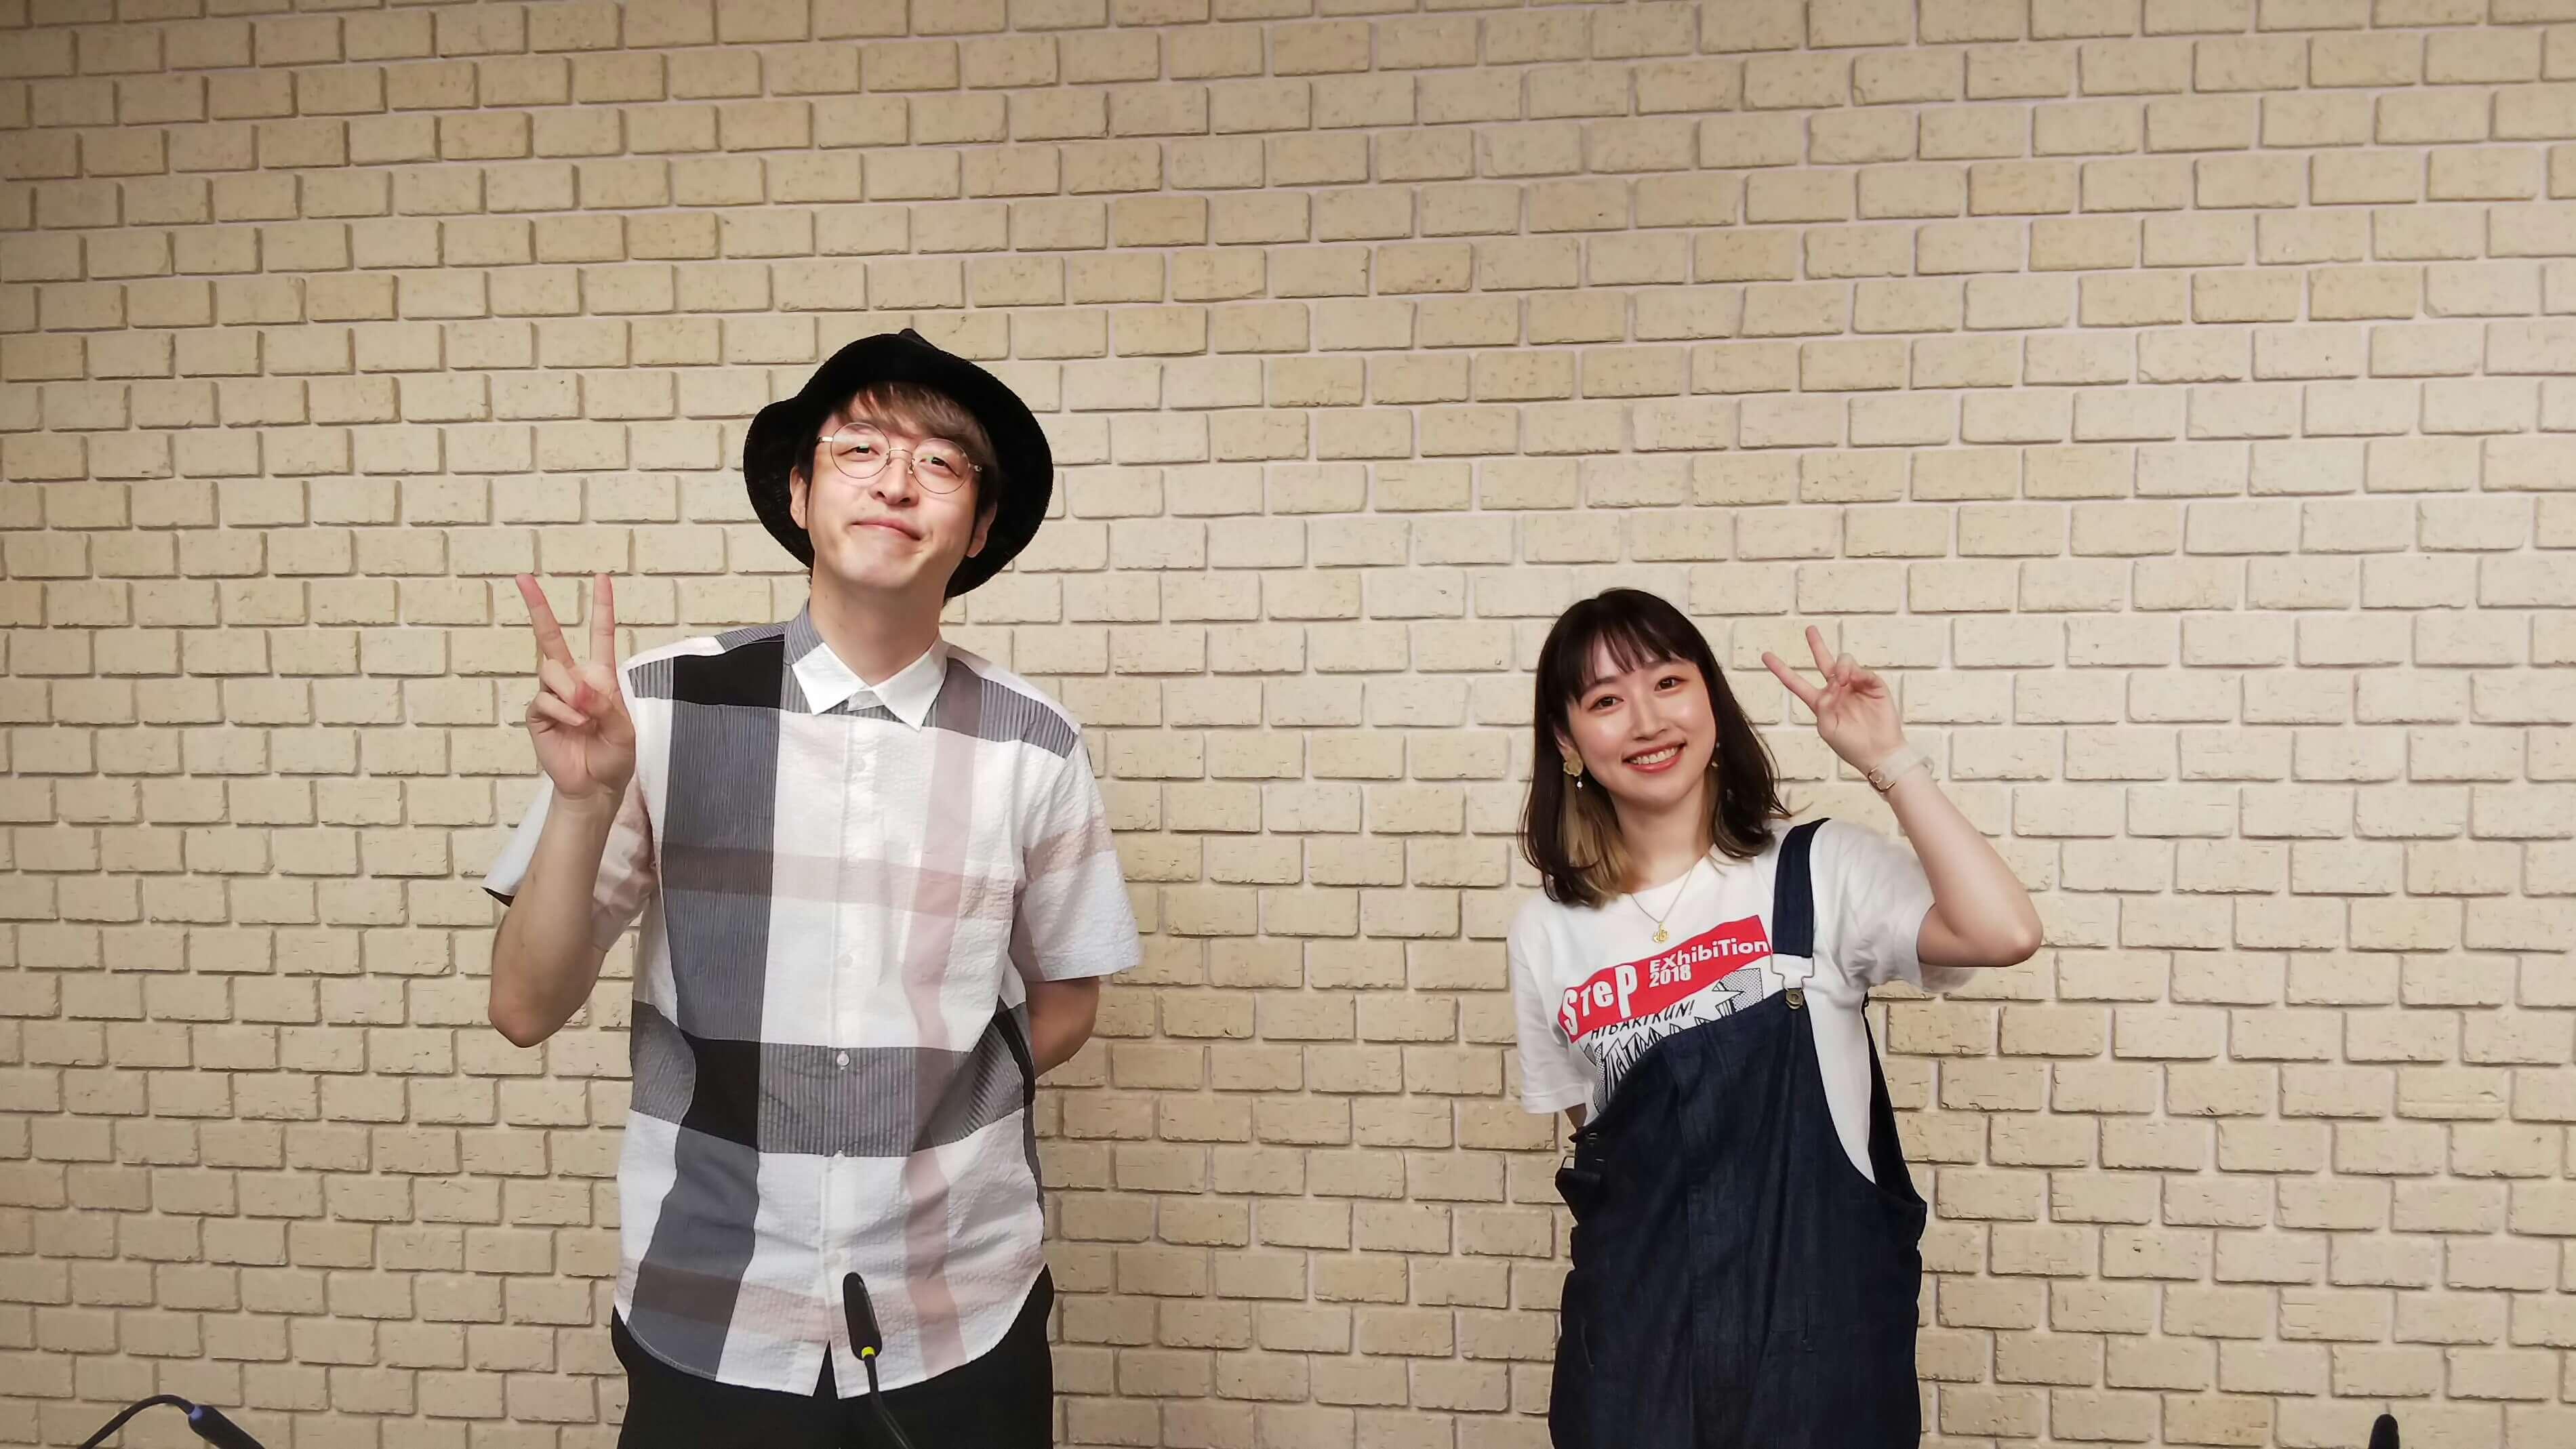 『ヒゲドライバーのヒゲドラジオ!』#6 放送後記